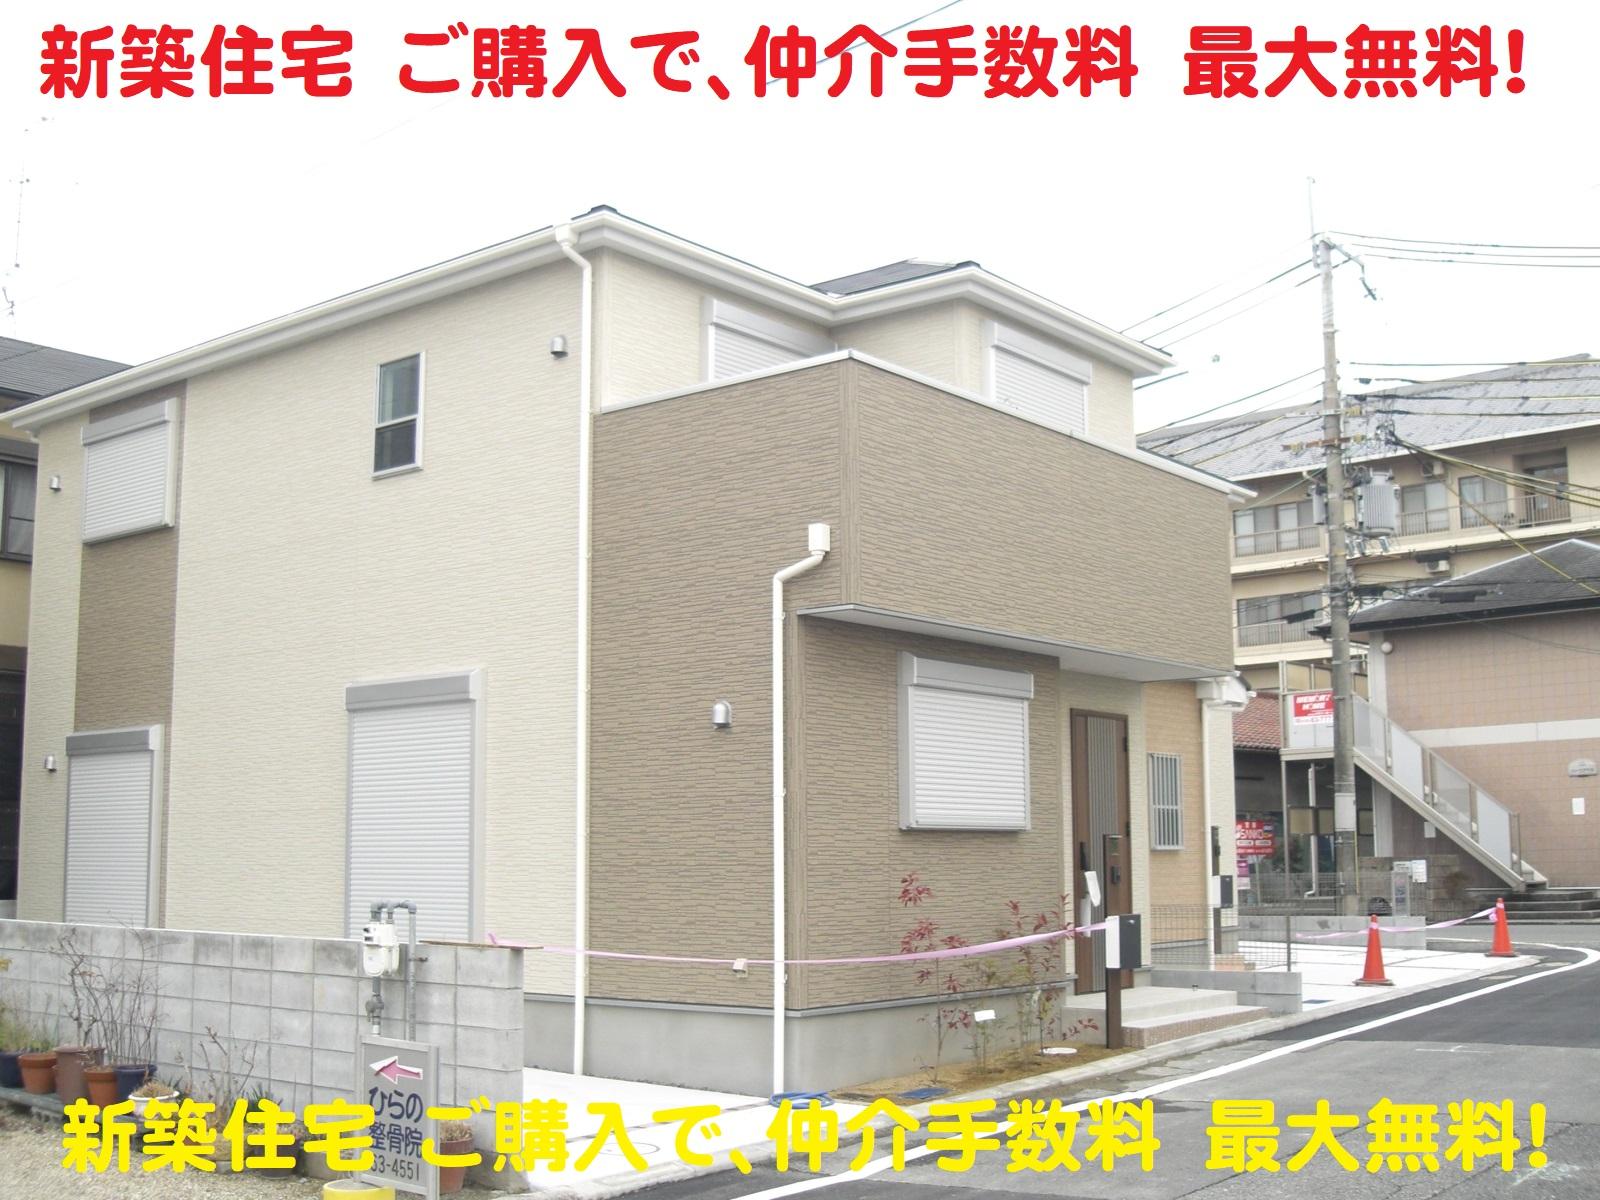 天理市 田井庄町 新築 お買い得 おすすめ 仲介手数料 最大無料!